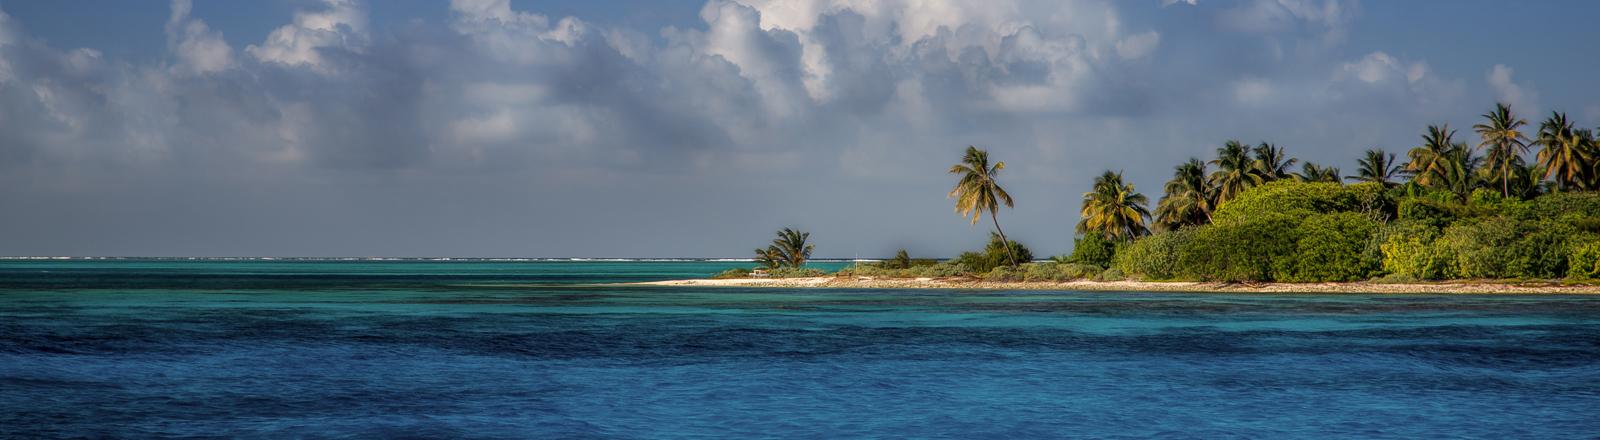 Eine Insel im Indischen Ozean